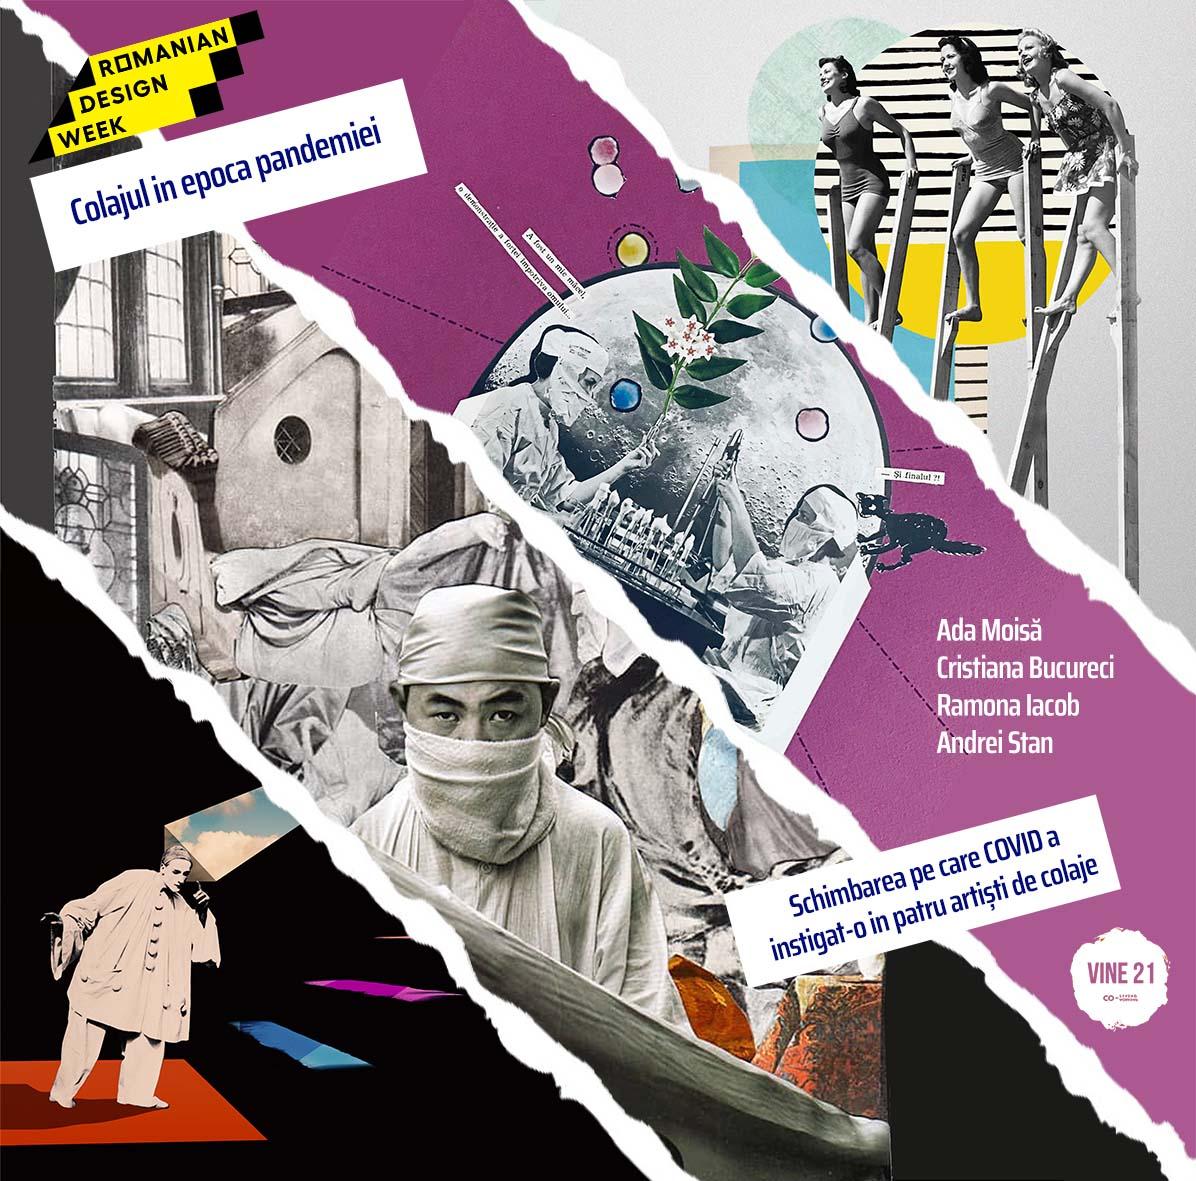 Colajul în epoca pandemiei – Efectele izolării pentru artiștii de colaje